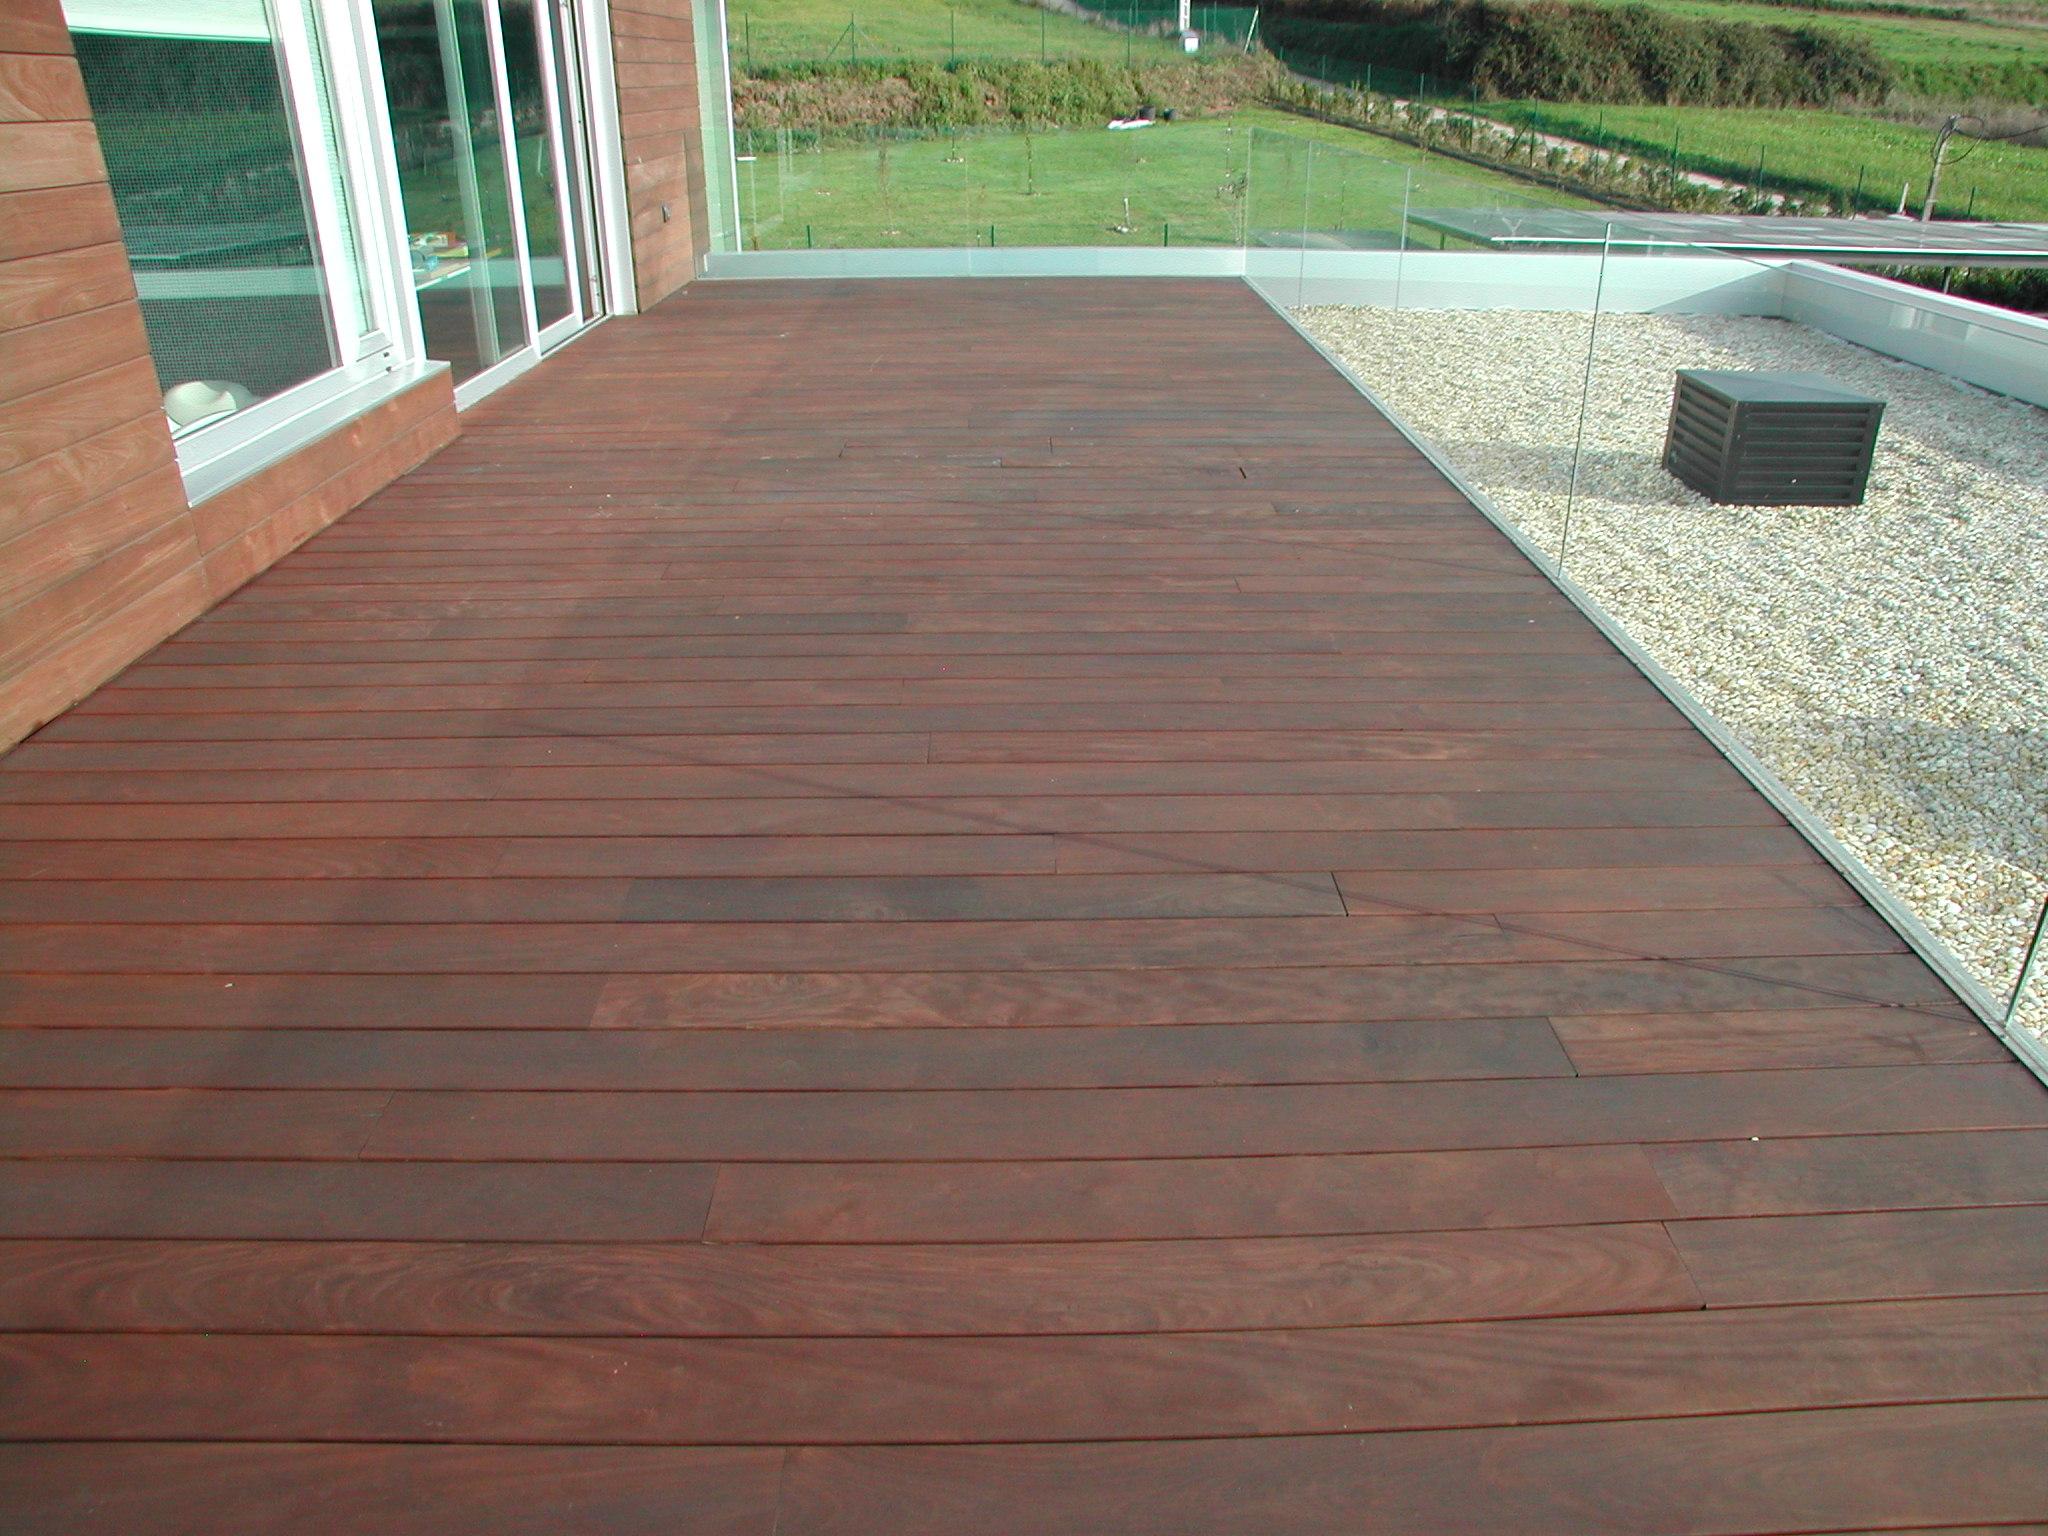 Suelo madera exterior barato materiales de construcci n - Suelo barato interior ...